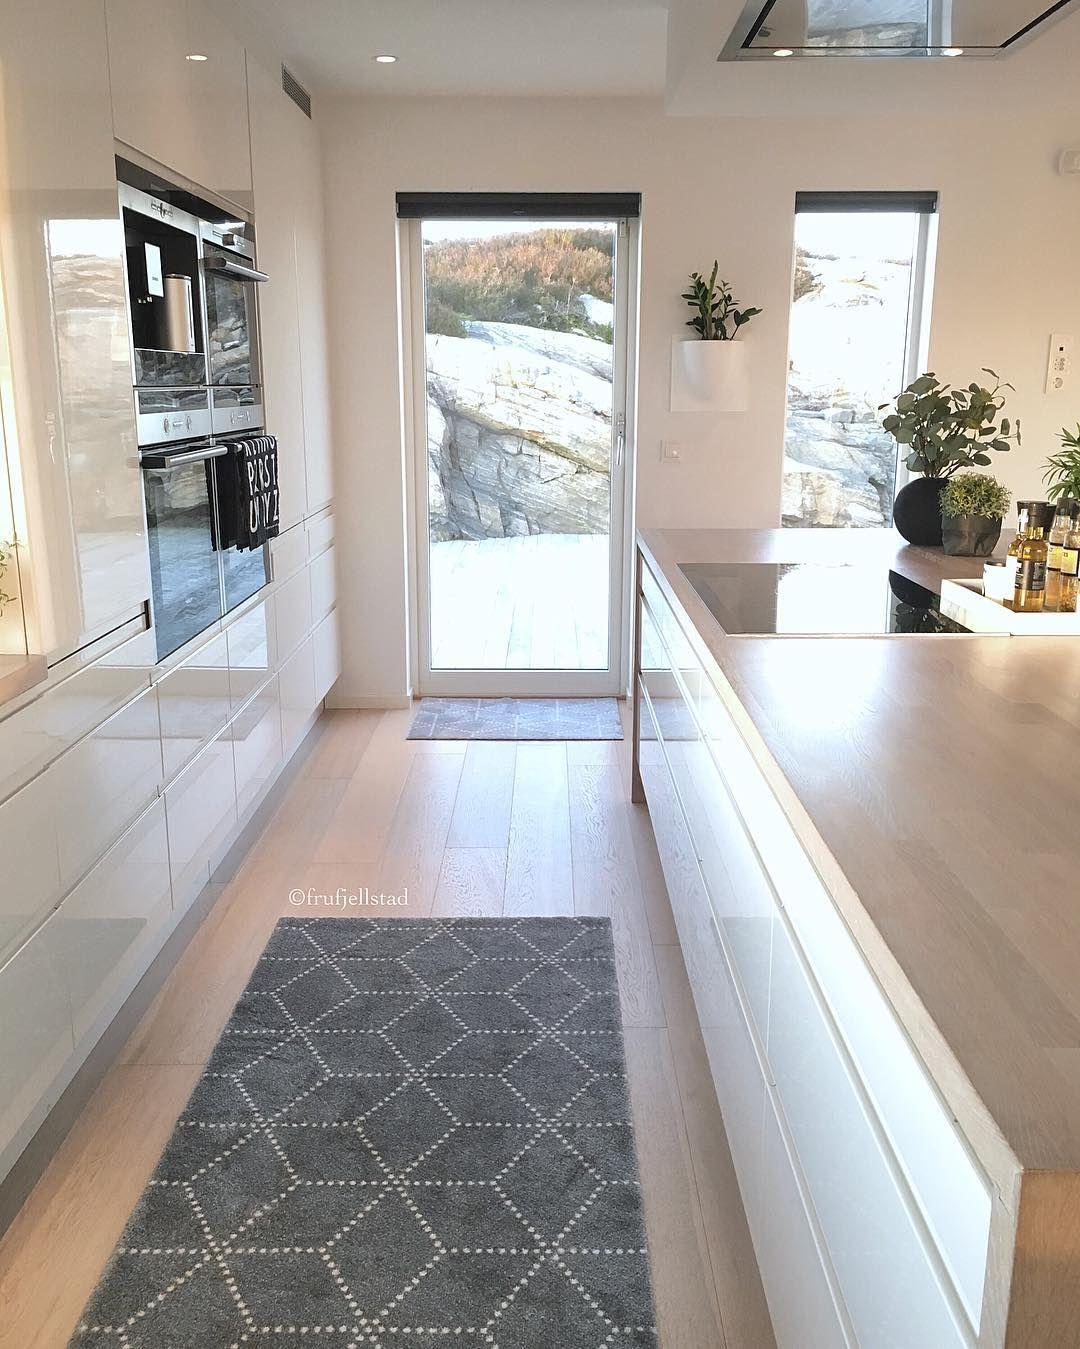 Als Idee An Der Linken Wand Die Hohen Regale Mittig Das Fenster Und Rechts Die Arbeitsflache Budget Home Decorating Elegant Home Decor Home Improvement Loans